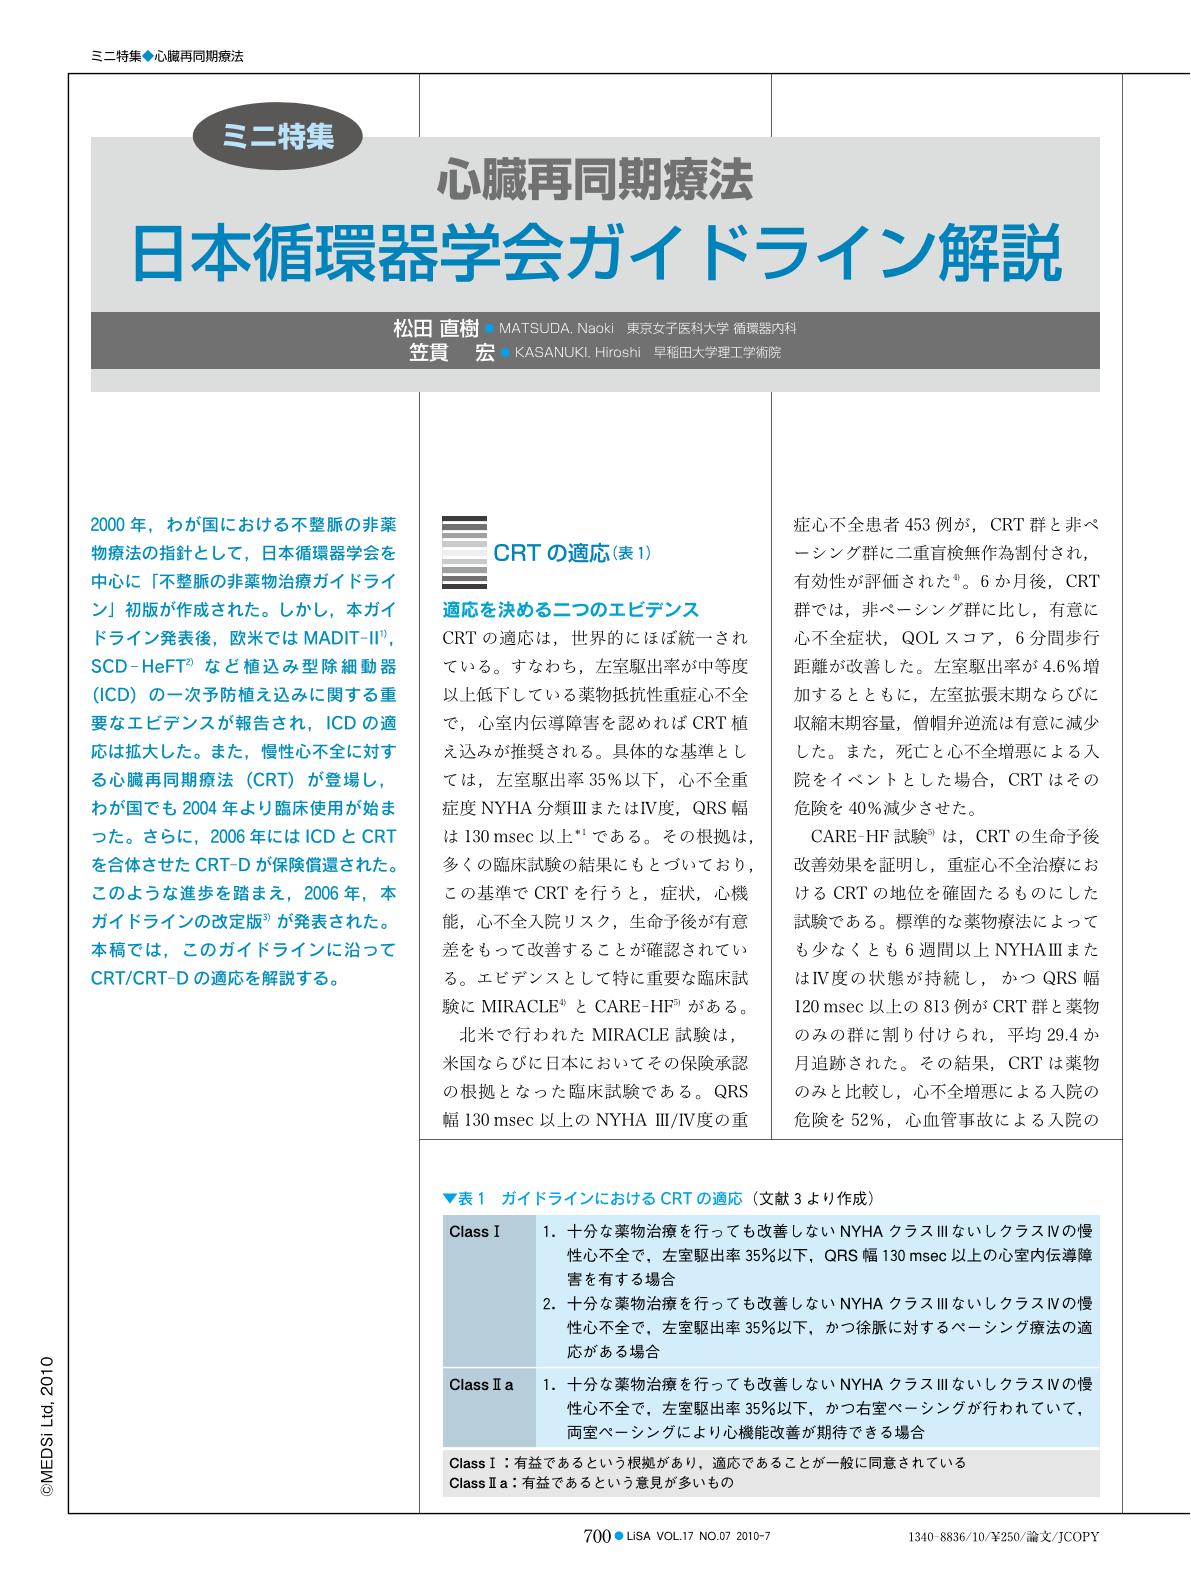 循環 器 ガイドライン 日本 学会